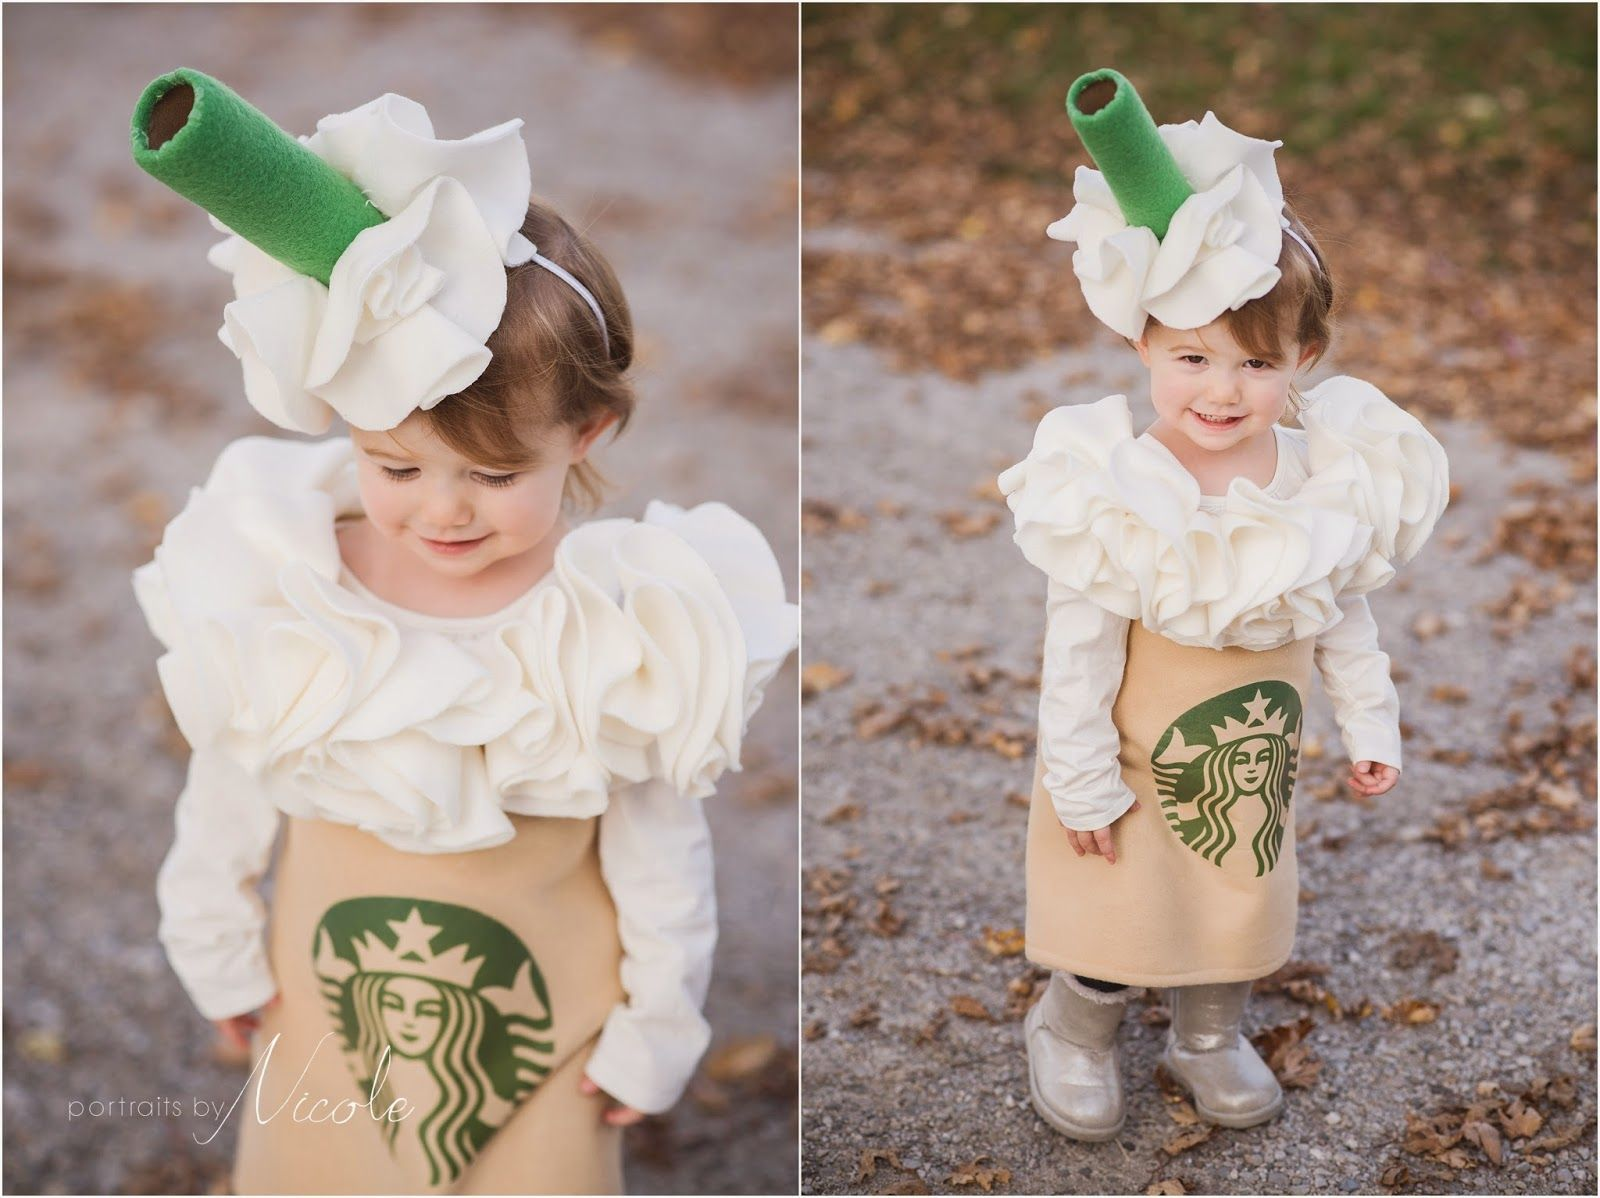 The Best Starbucks Coffee Around Halloween Costume